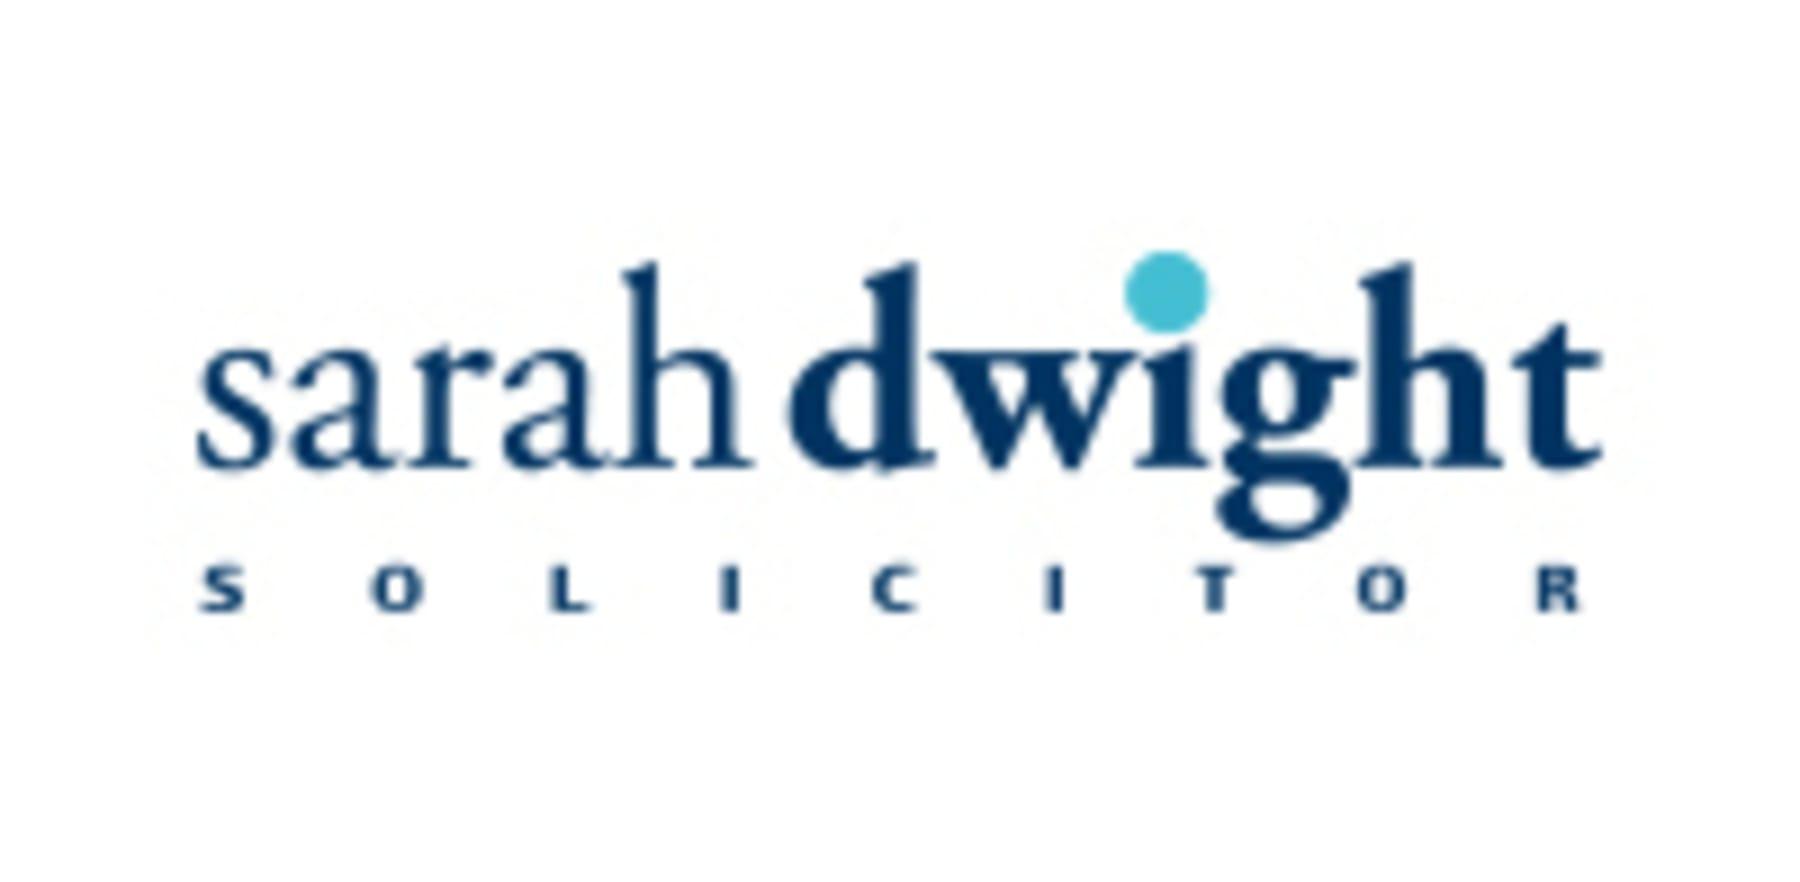 Sarah Dwight Solicitors